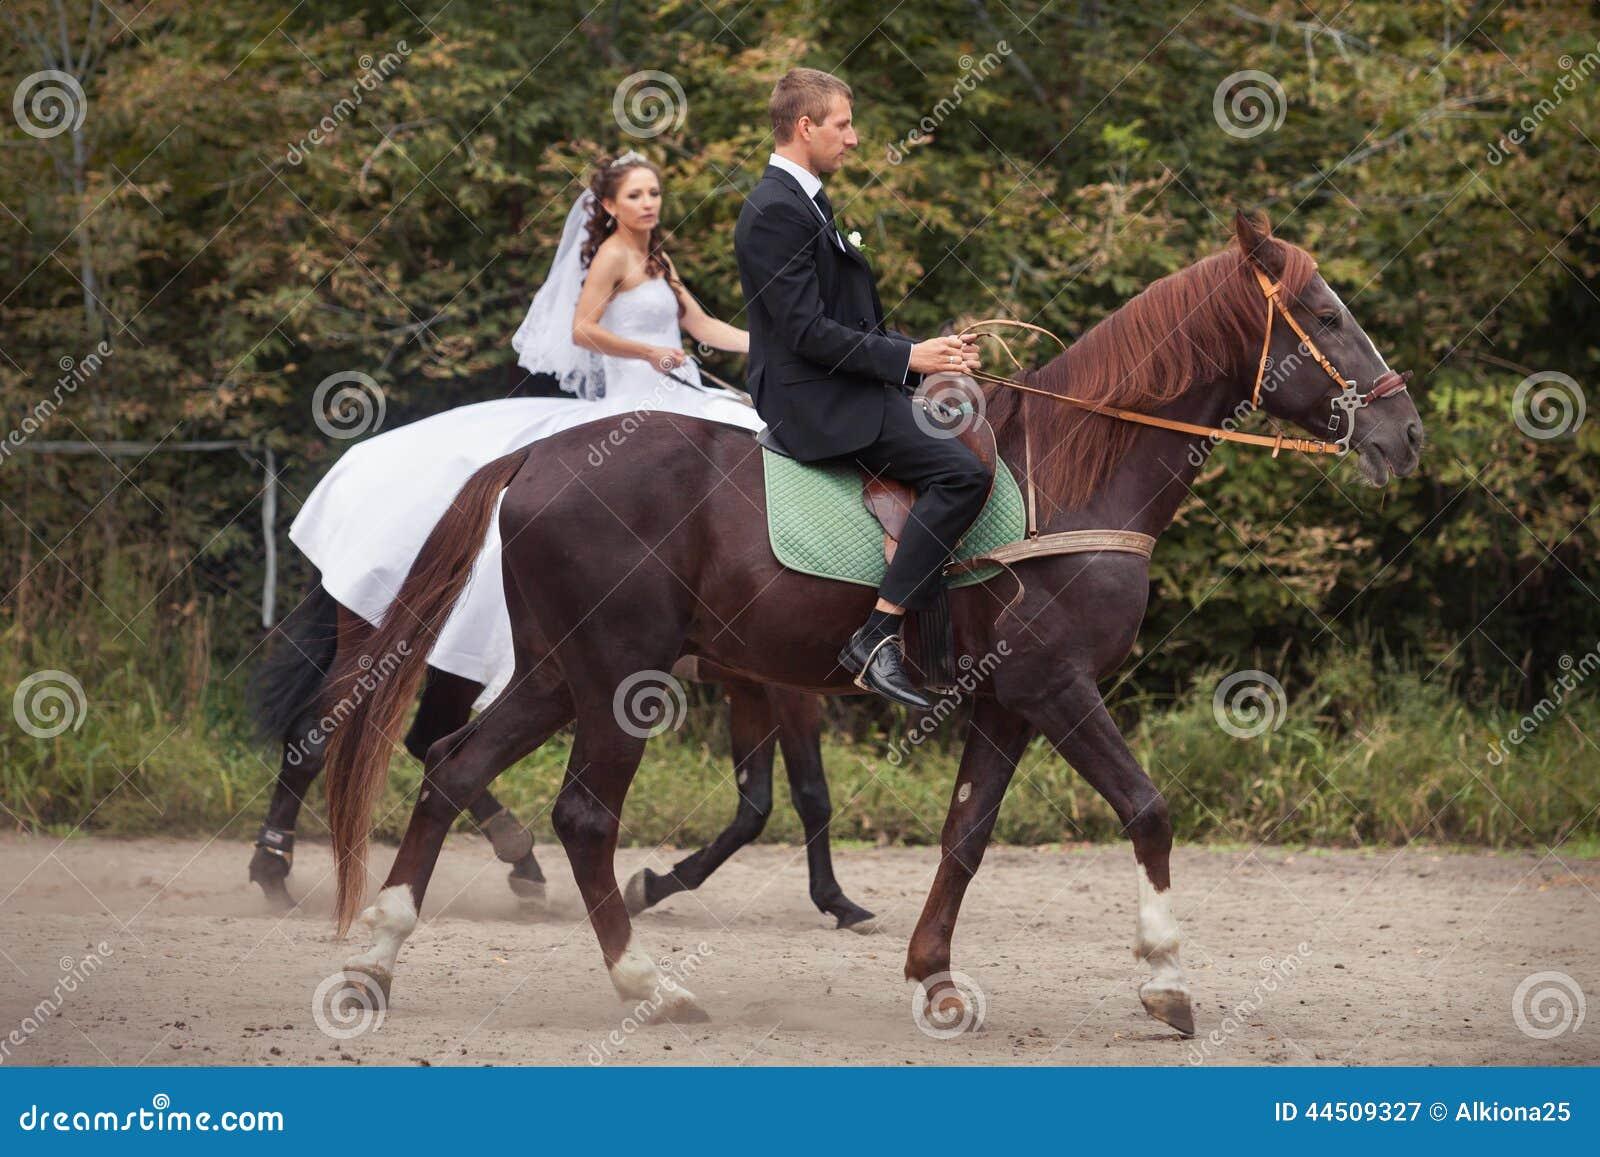 couples de mariage sur des chevaux image stock image 44509327. Black Bedroom Furniture Sets. Home Design Ideas